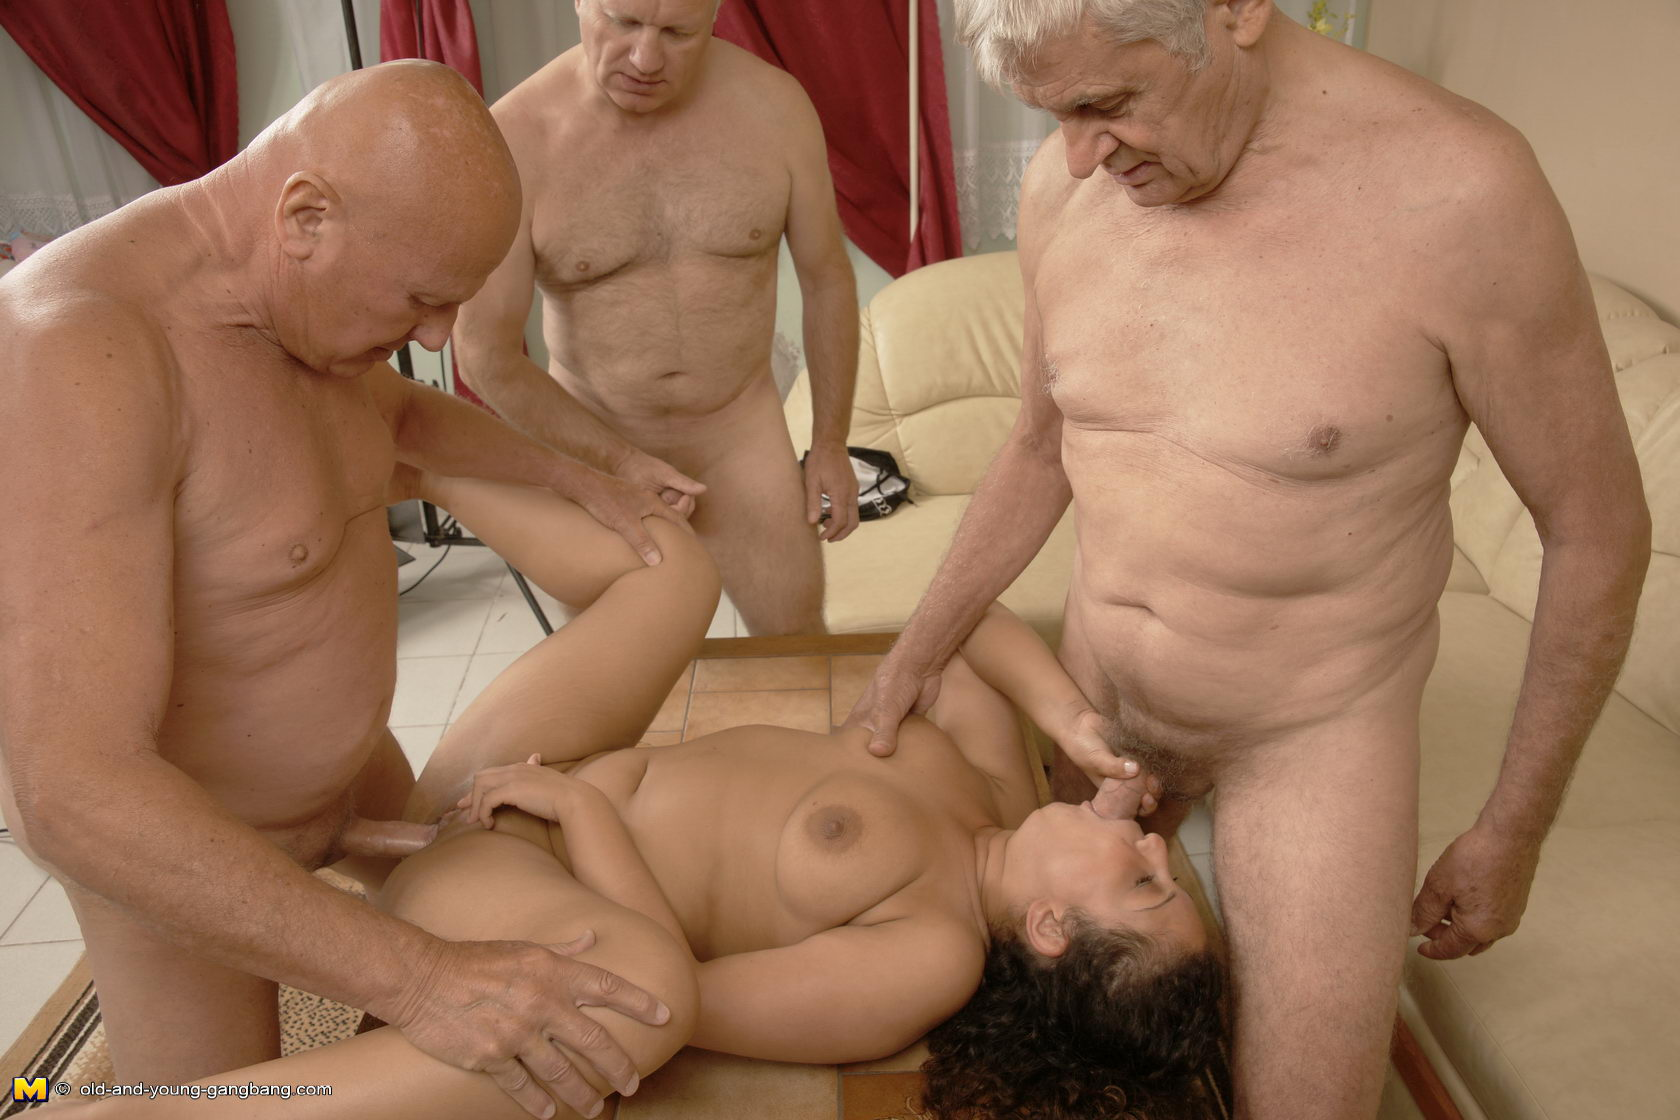 Men fuck dead woman porn nude movies